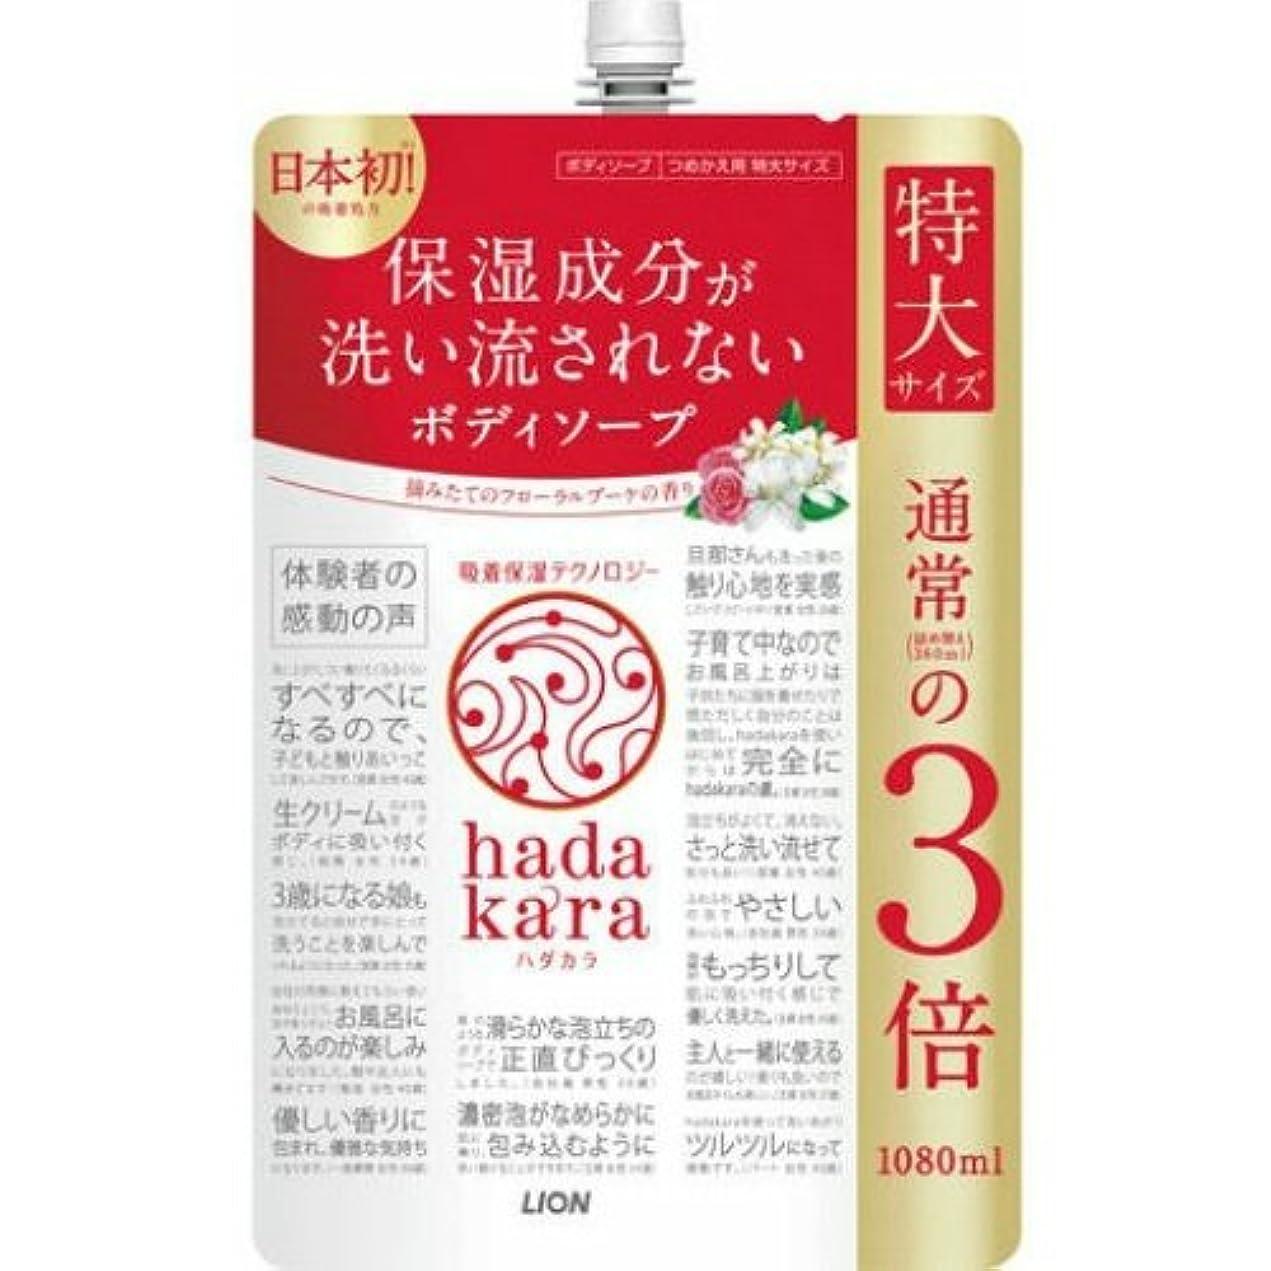 LION ライオン hadakara ハダカラ ボディソープ フローラルブーケの香り つめかえ用 特大サイズ 1080ml ×006点セット(4903301260875)